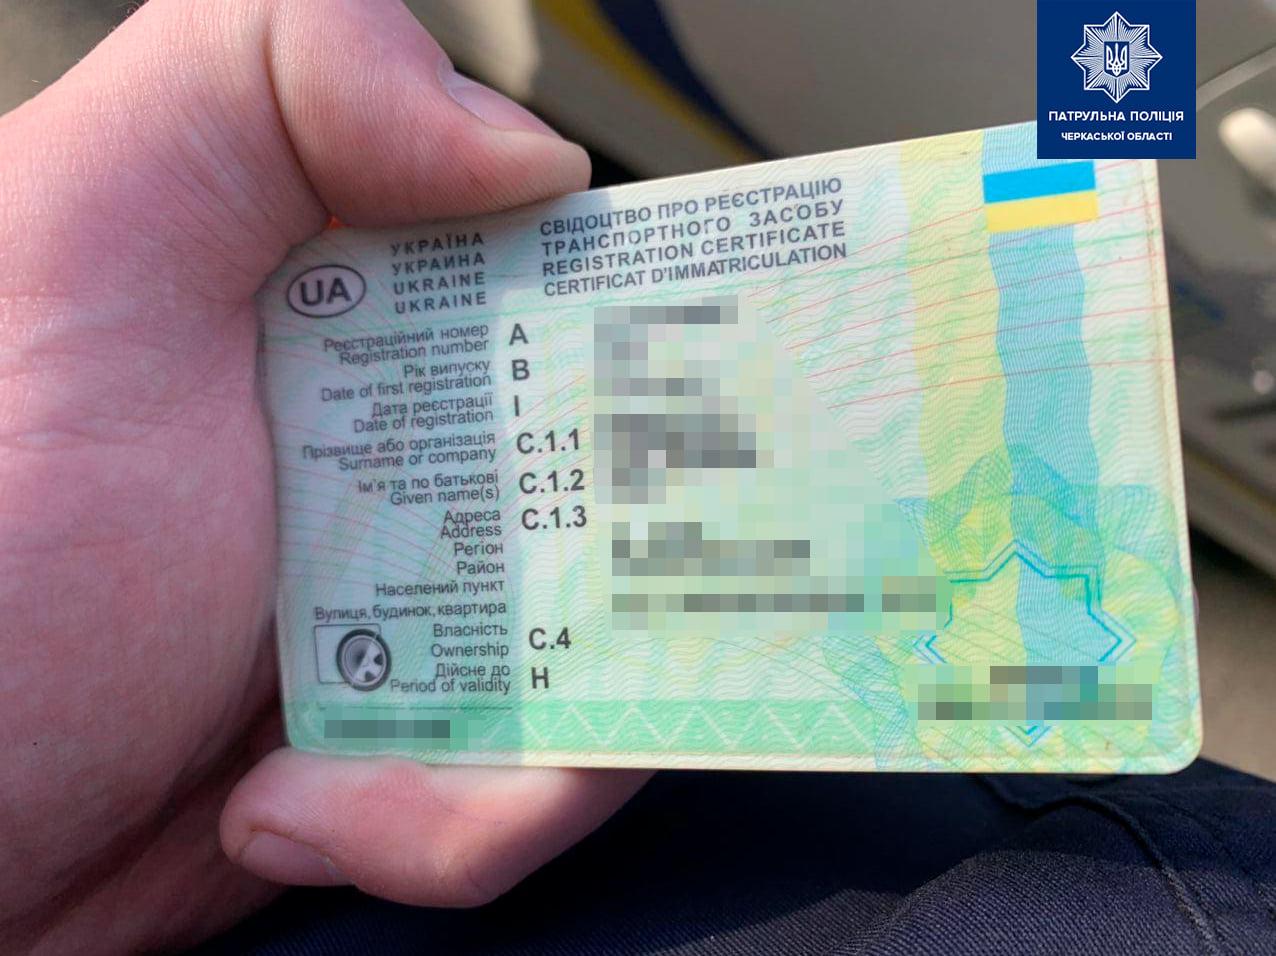 Виявлено автомобіль із підробленими документами у Черкасах